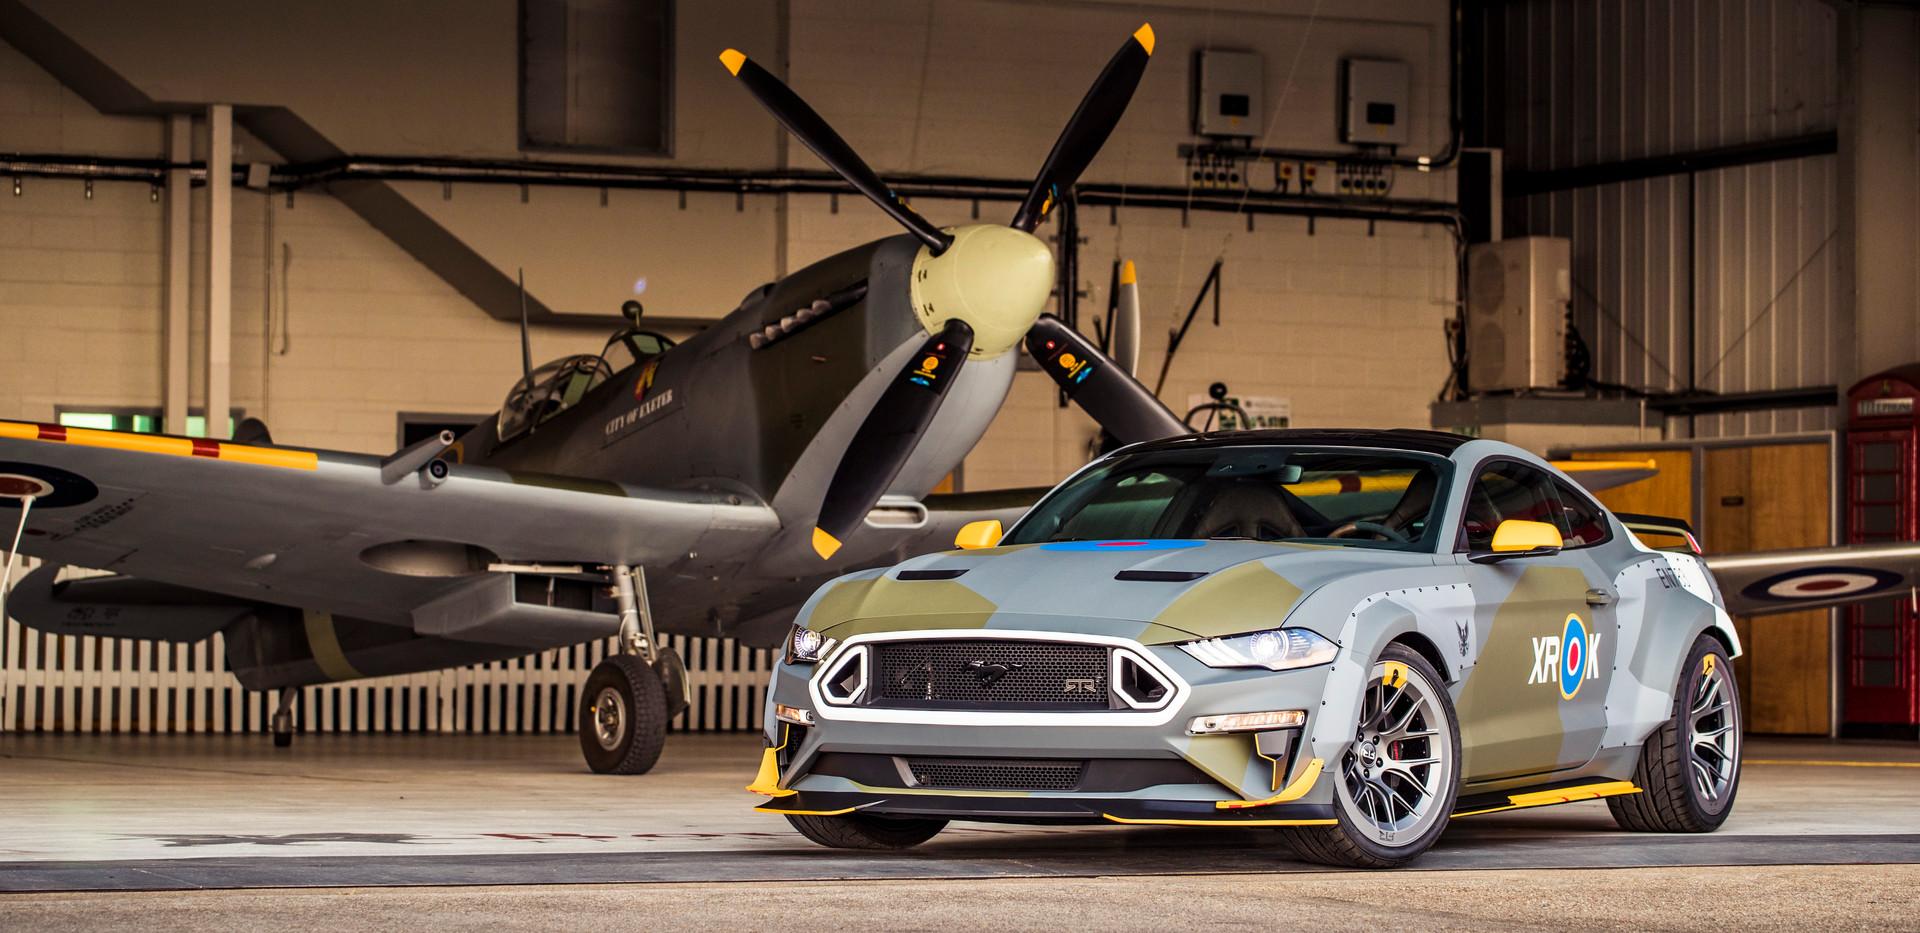 0554_DG_Mustang_Spitfire.jpg